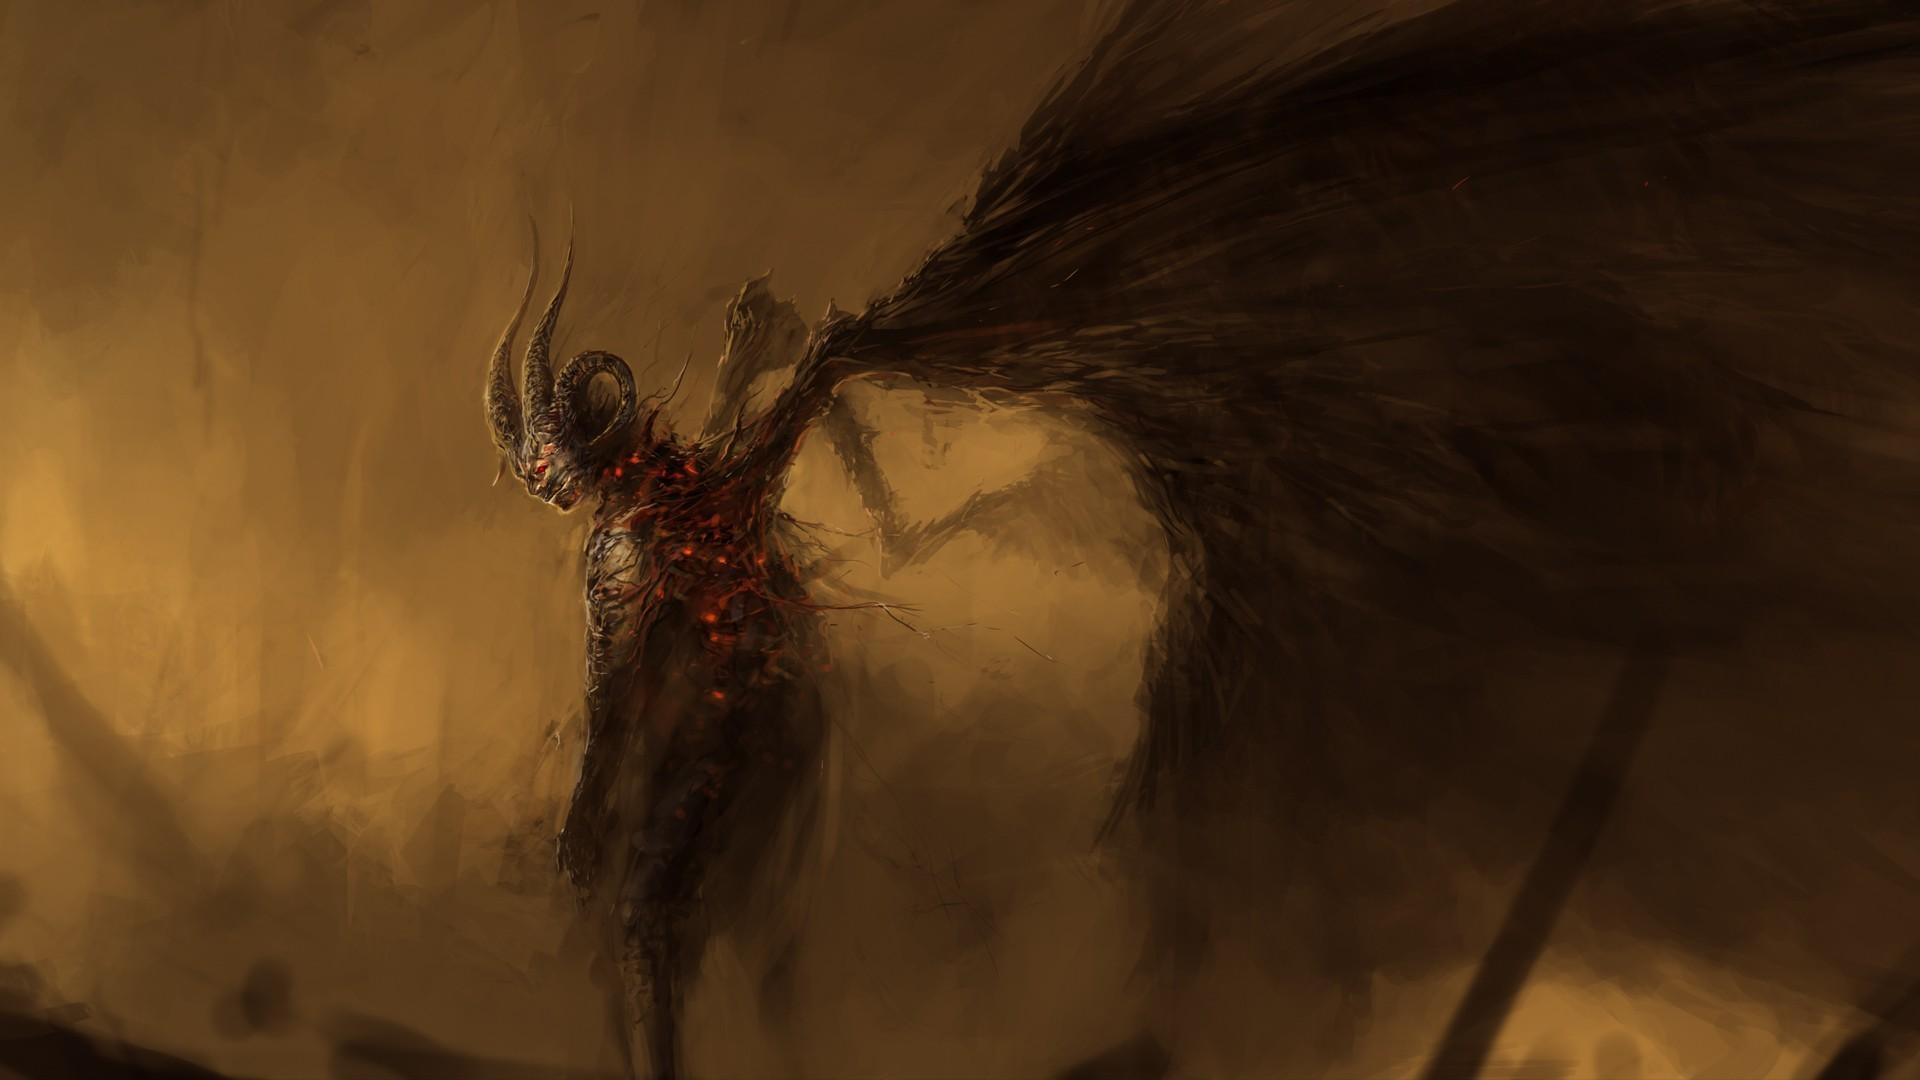 wallpaper : drawing, fantasy art, wings, horns, dark fantasy, demon